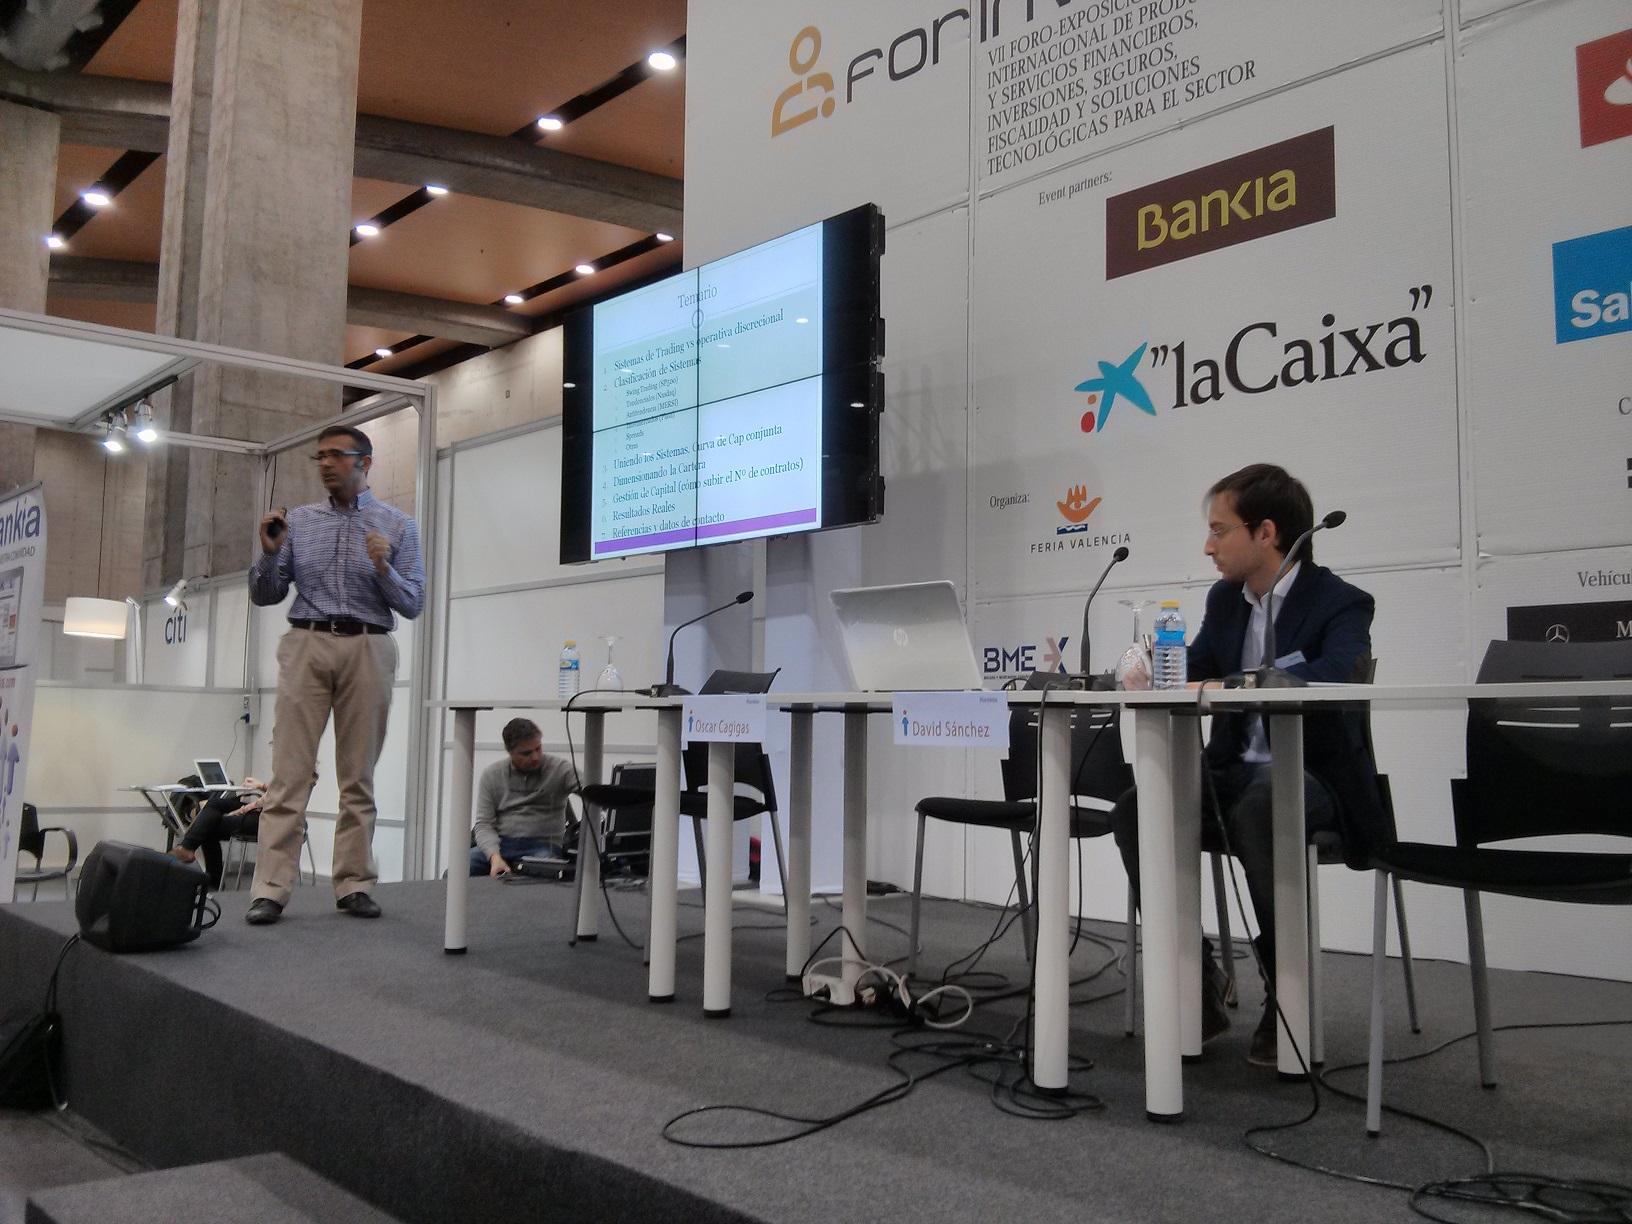 Ponencia de Oscar Cagigas en Forinvest 2014